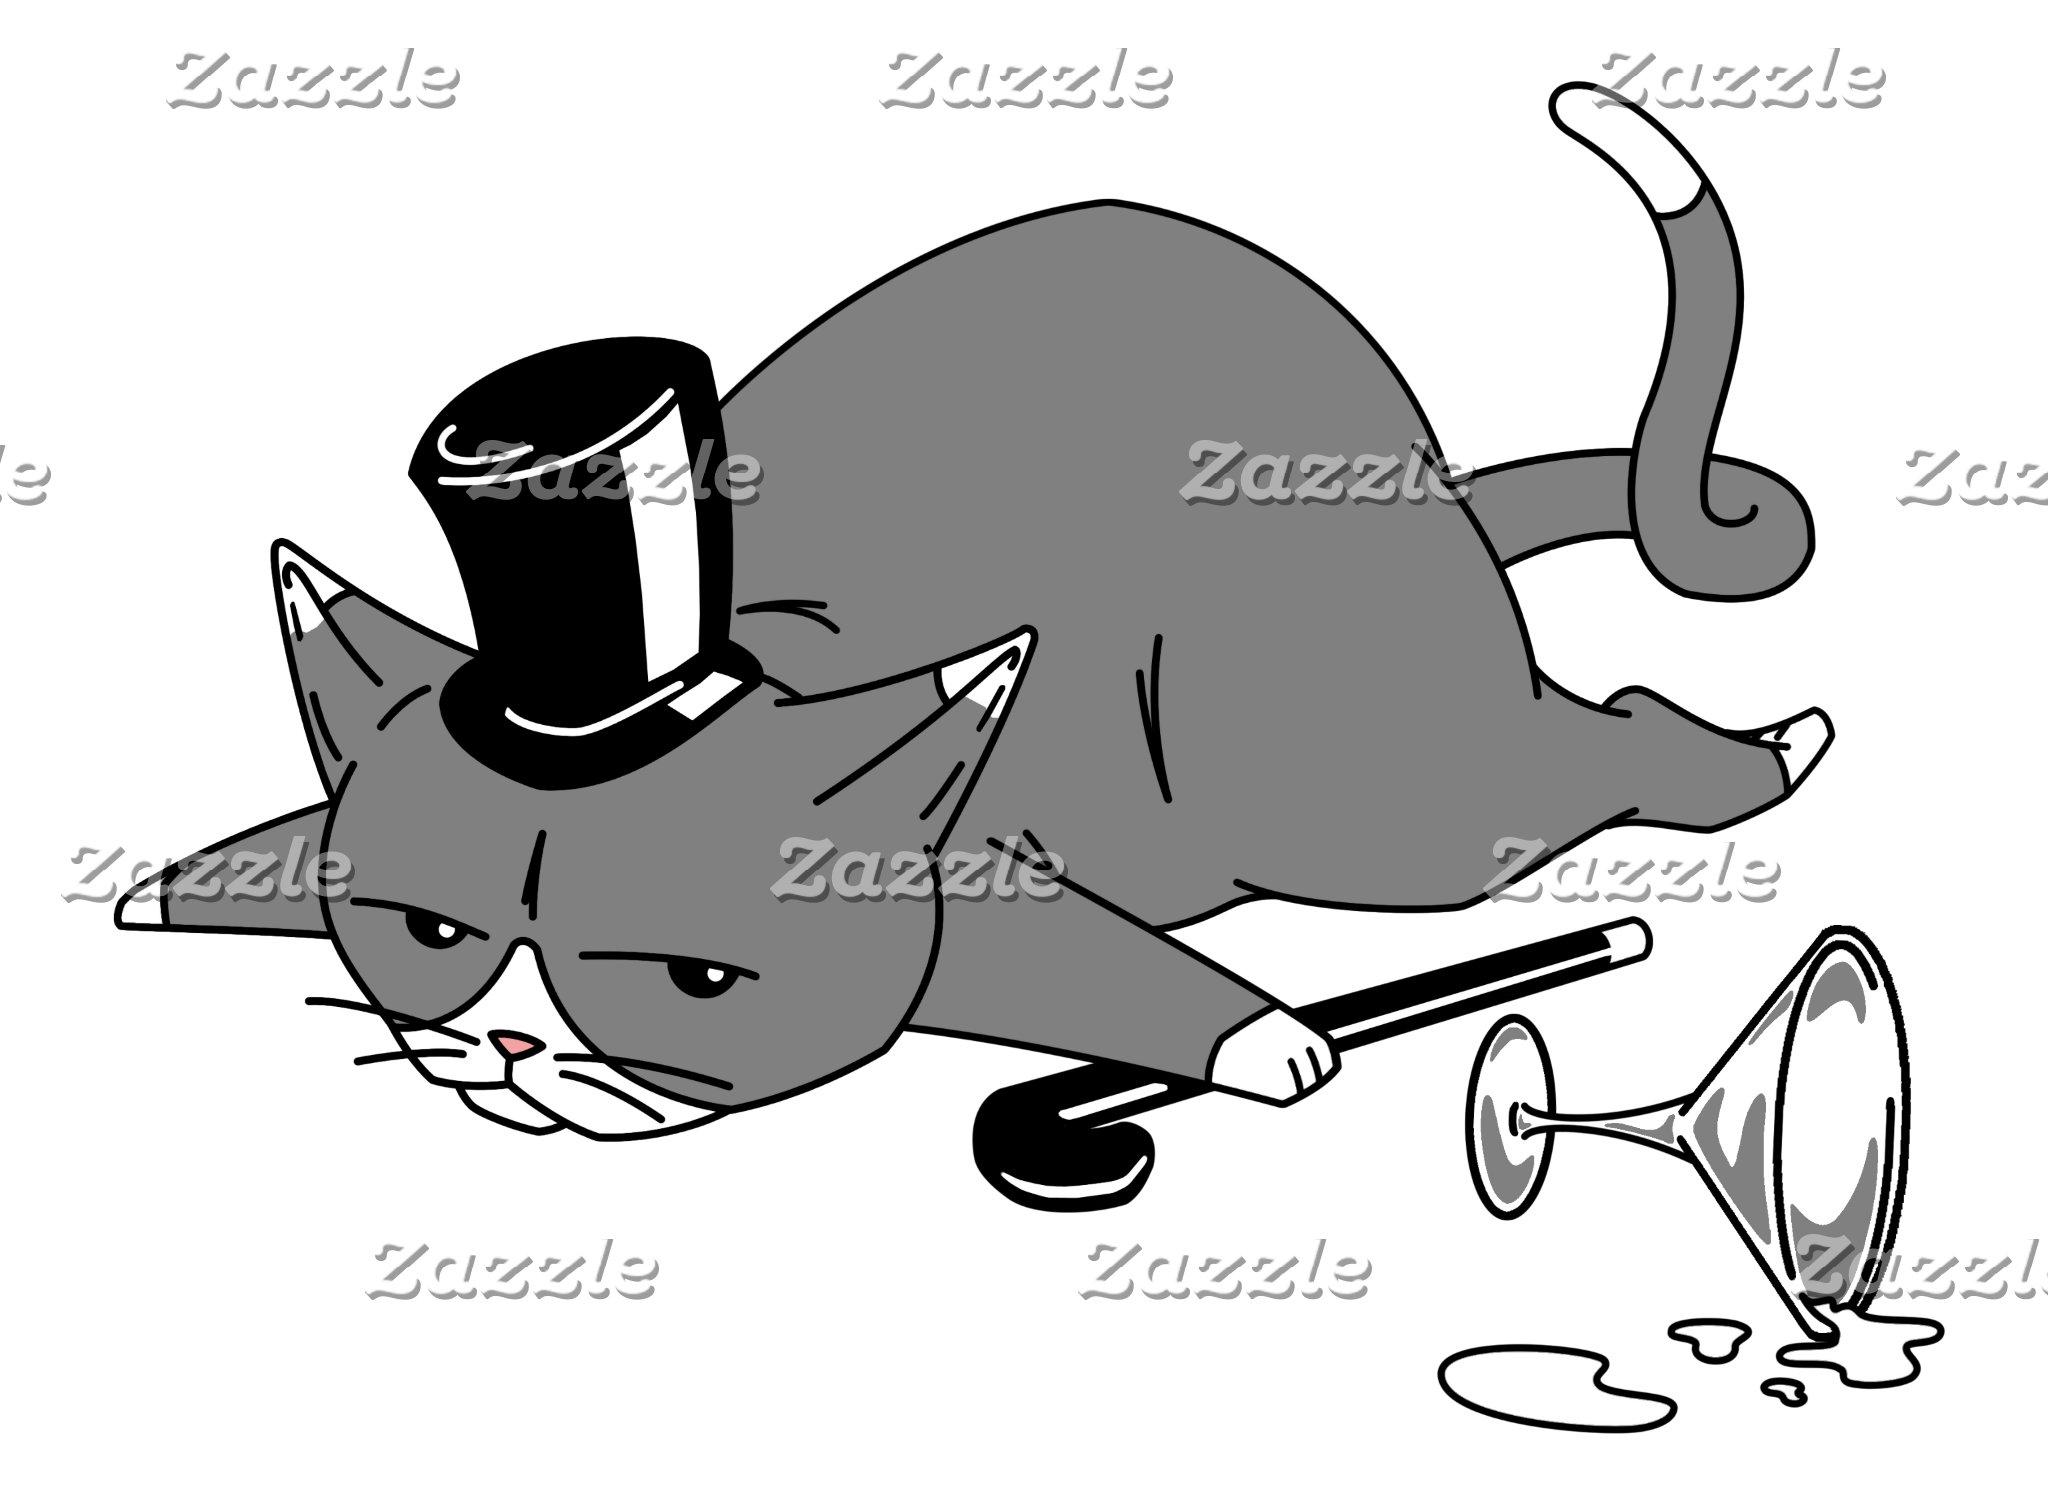 Cartoon Style Illustration